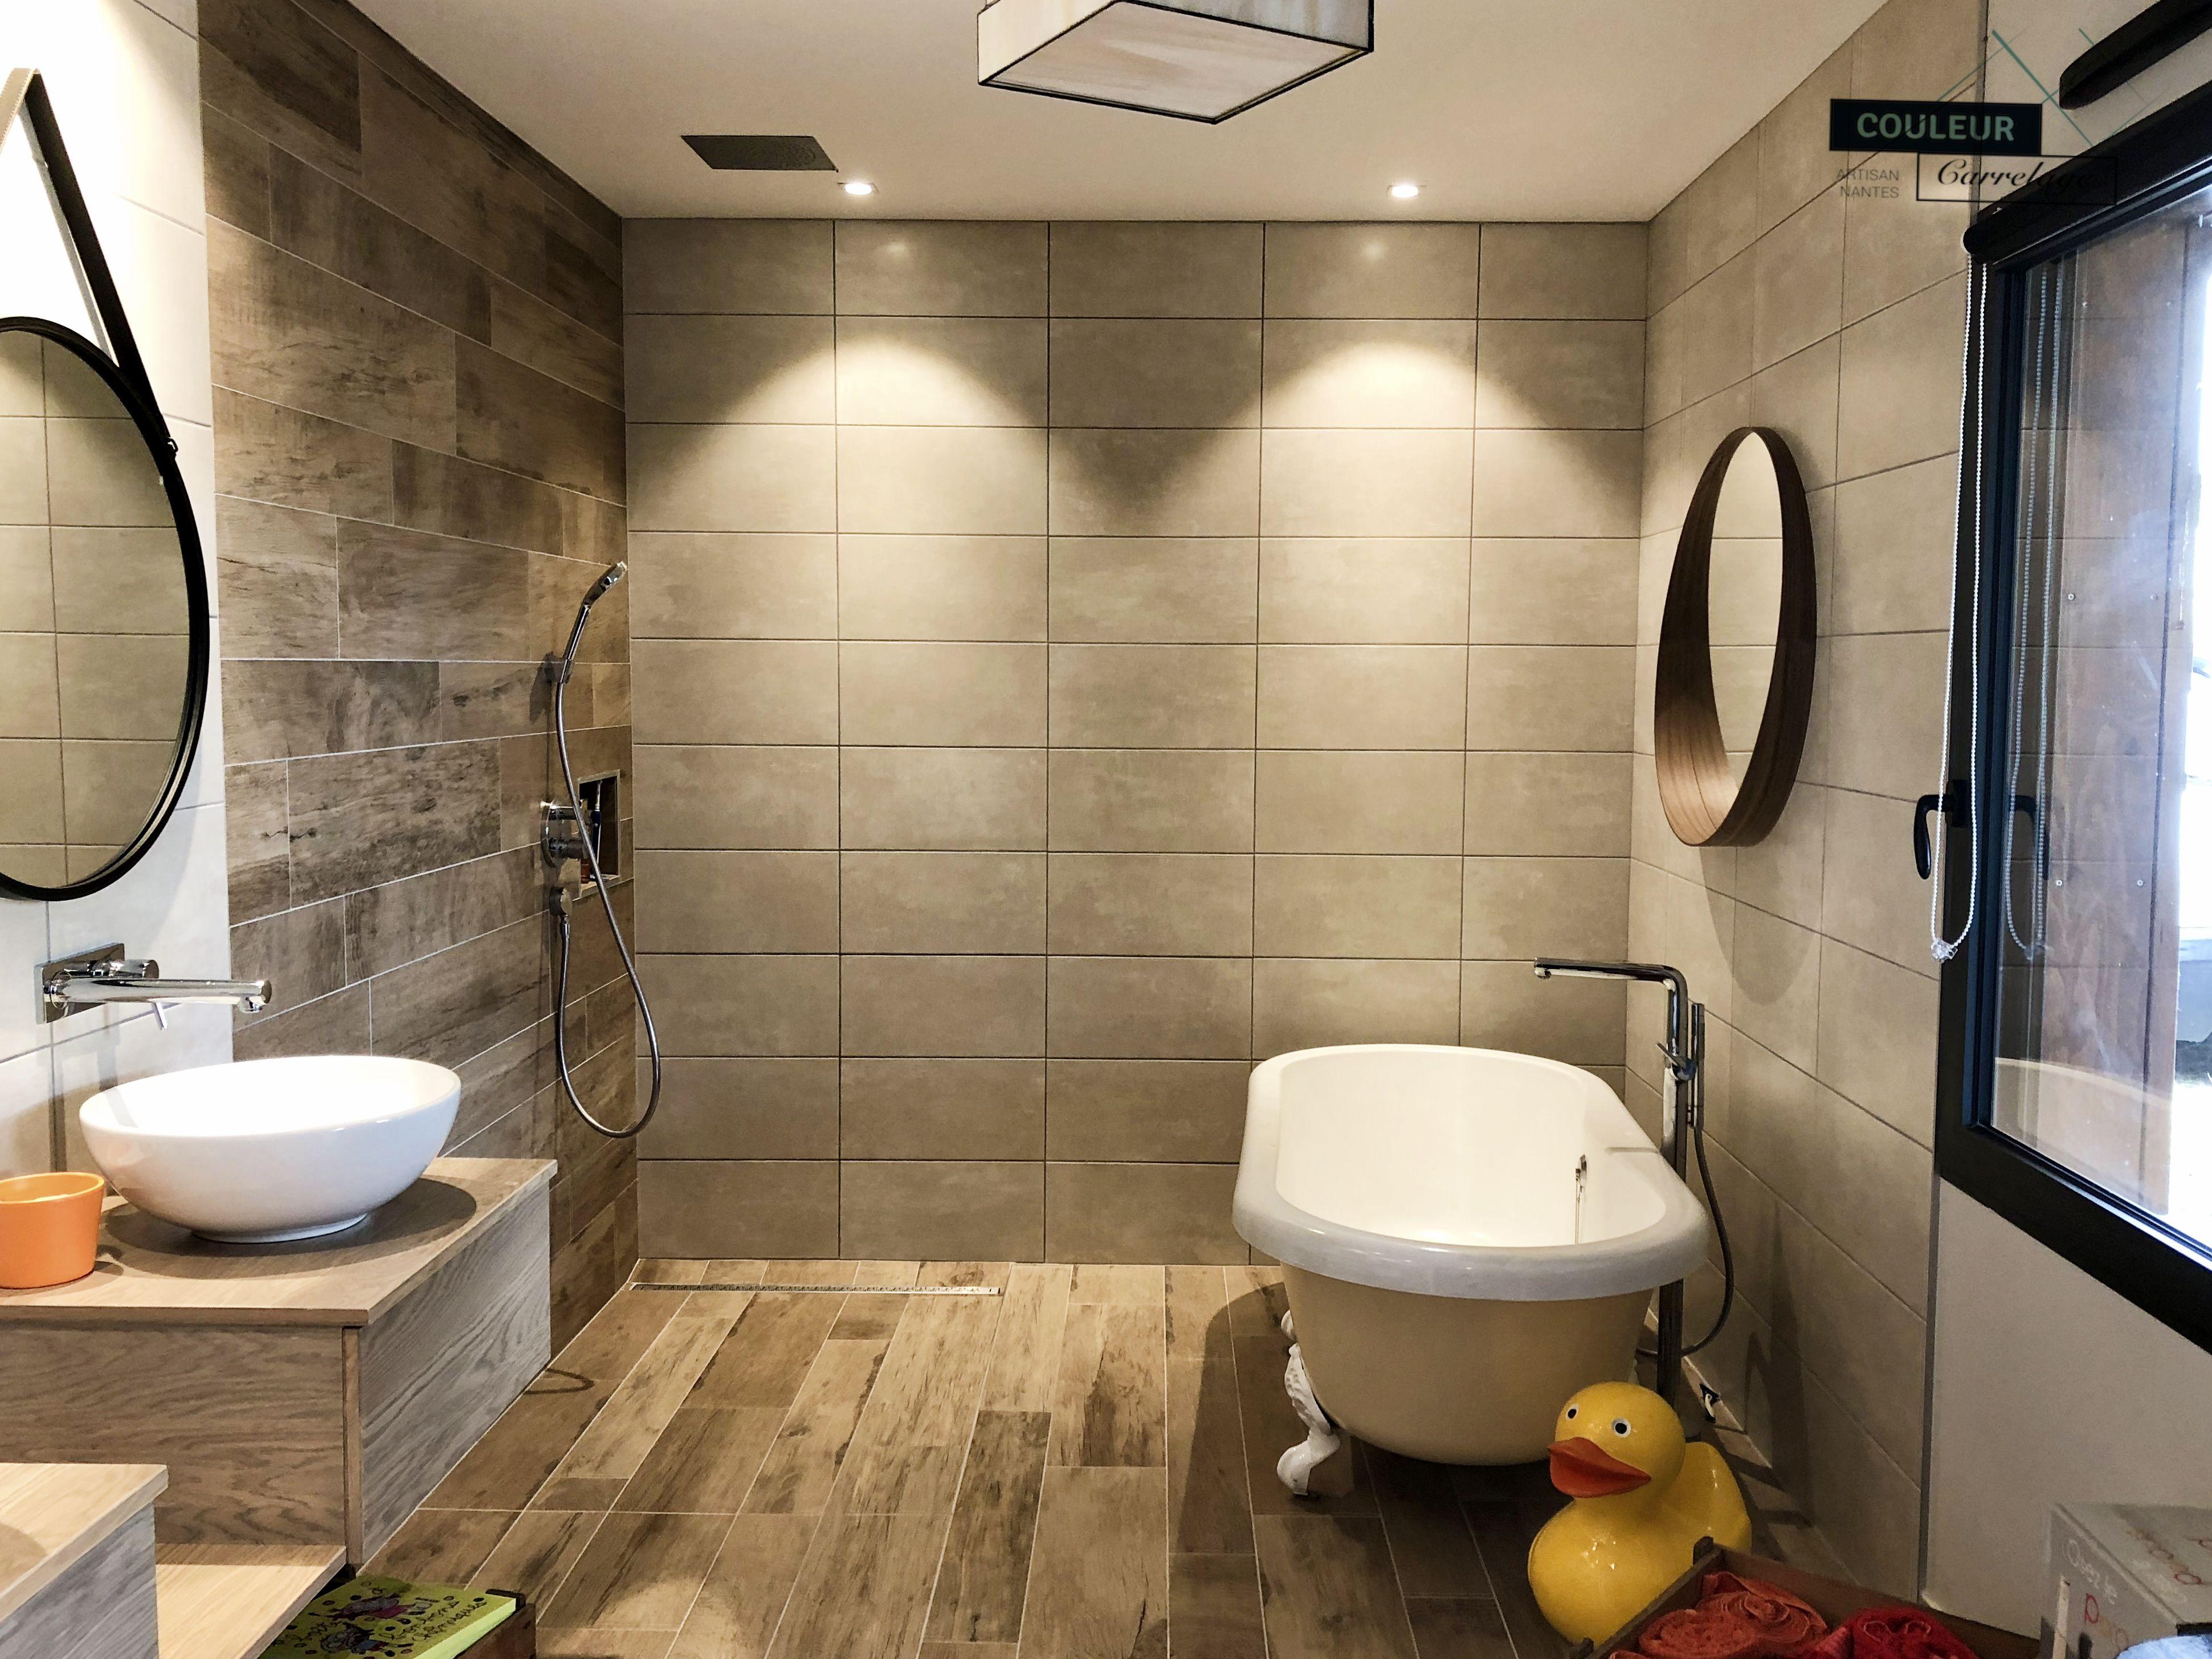 salle d 39 eau et bain avec bac douche l 39 italienne et. Black Bedroom Furniture Sets. Home Design Ideas